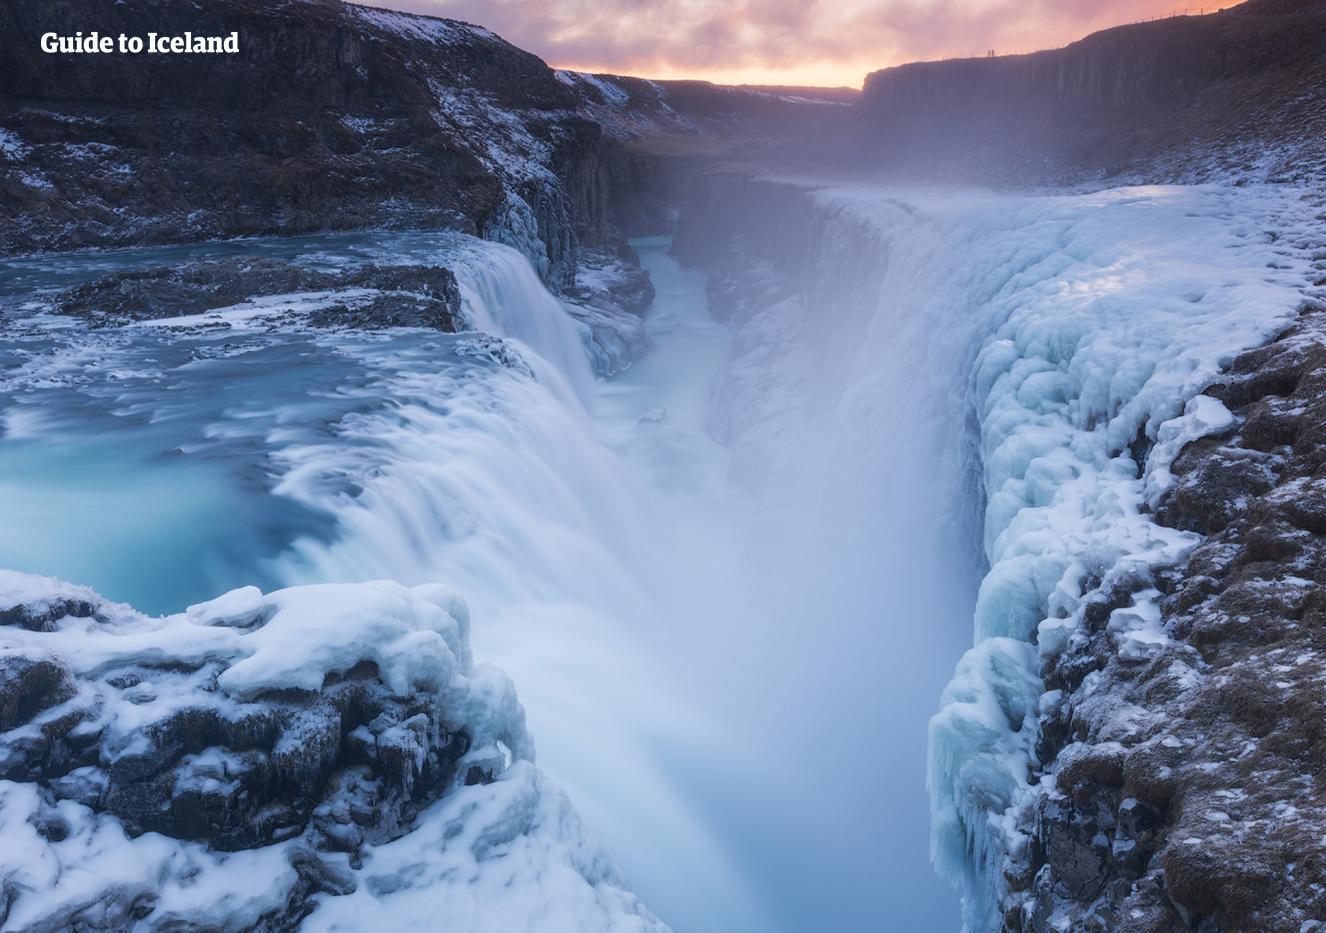 아이슬란드 골든 서클의 유명한 굴포스 폭포.